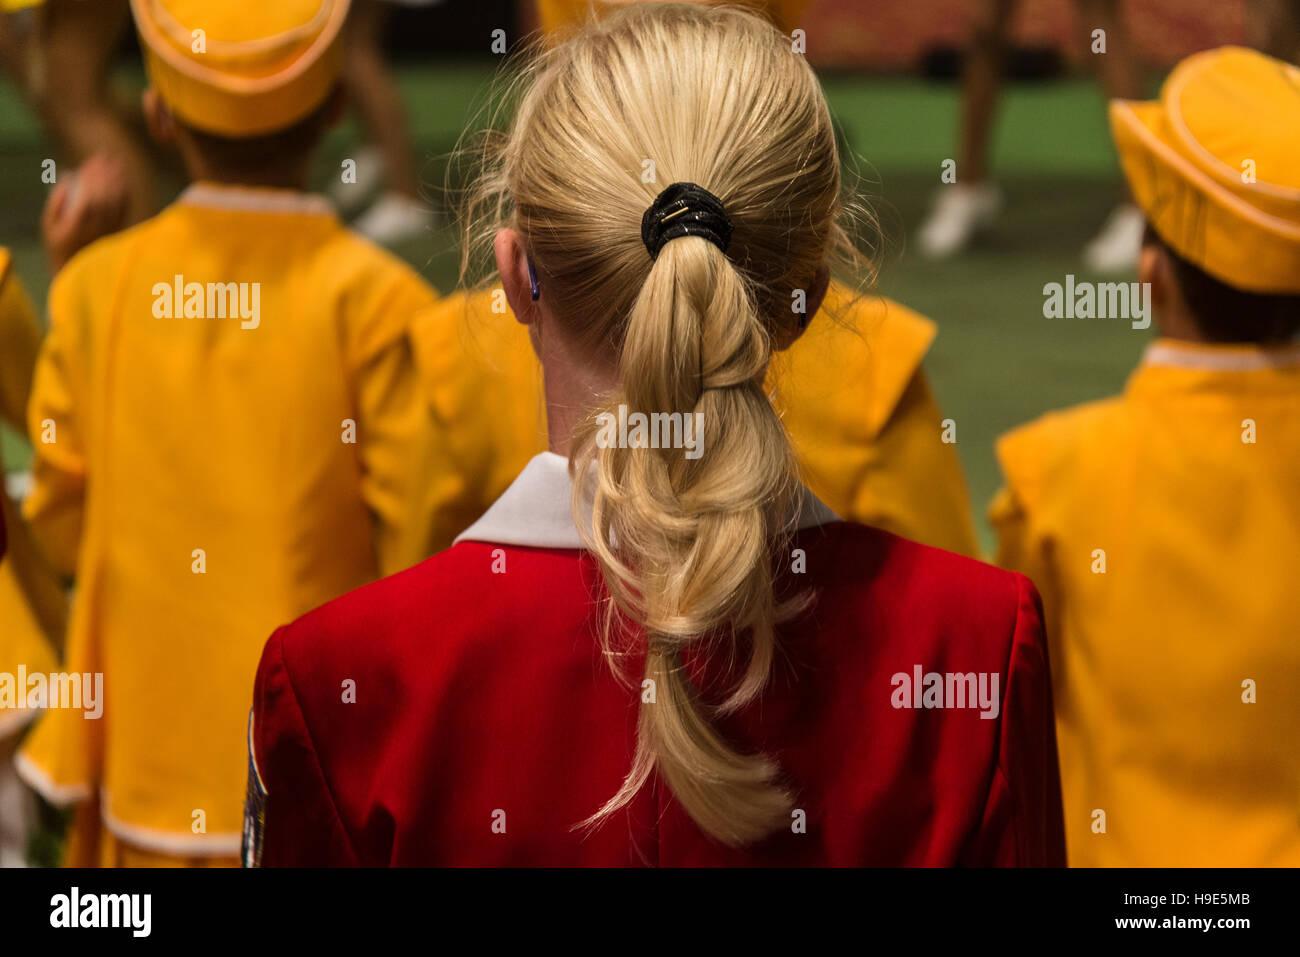 Mädchen mit Pferdeschwanz Stockbild